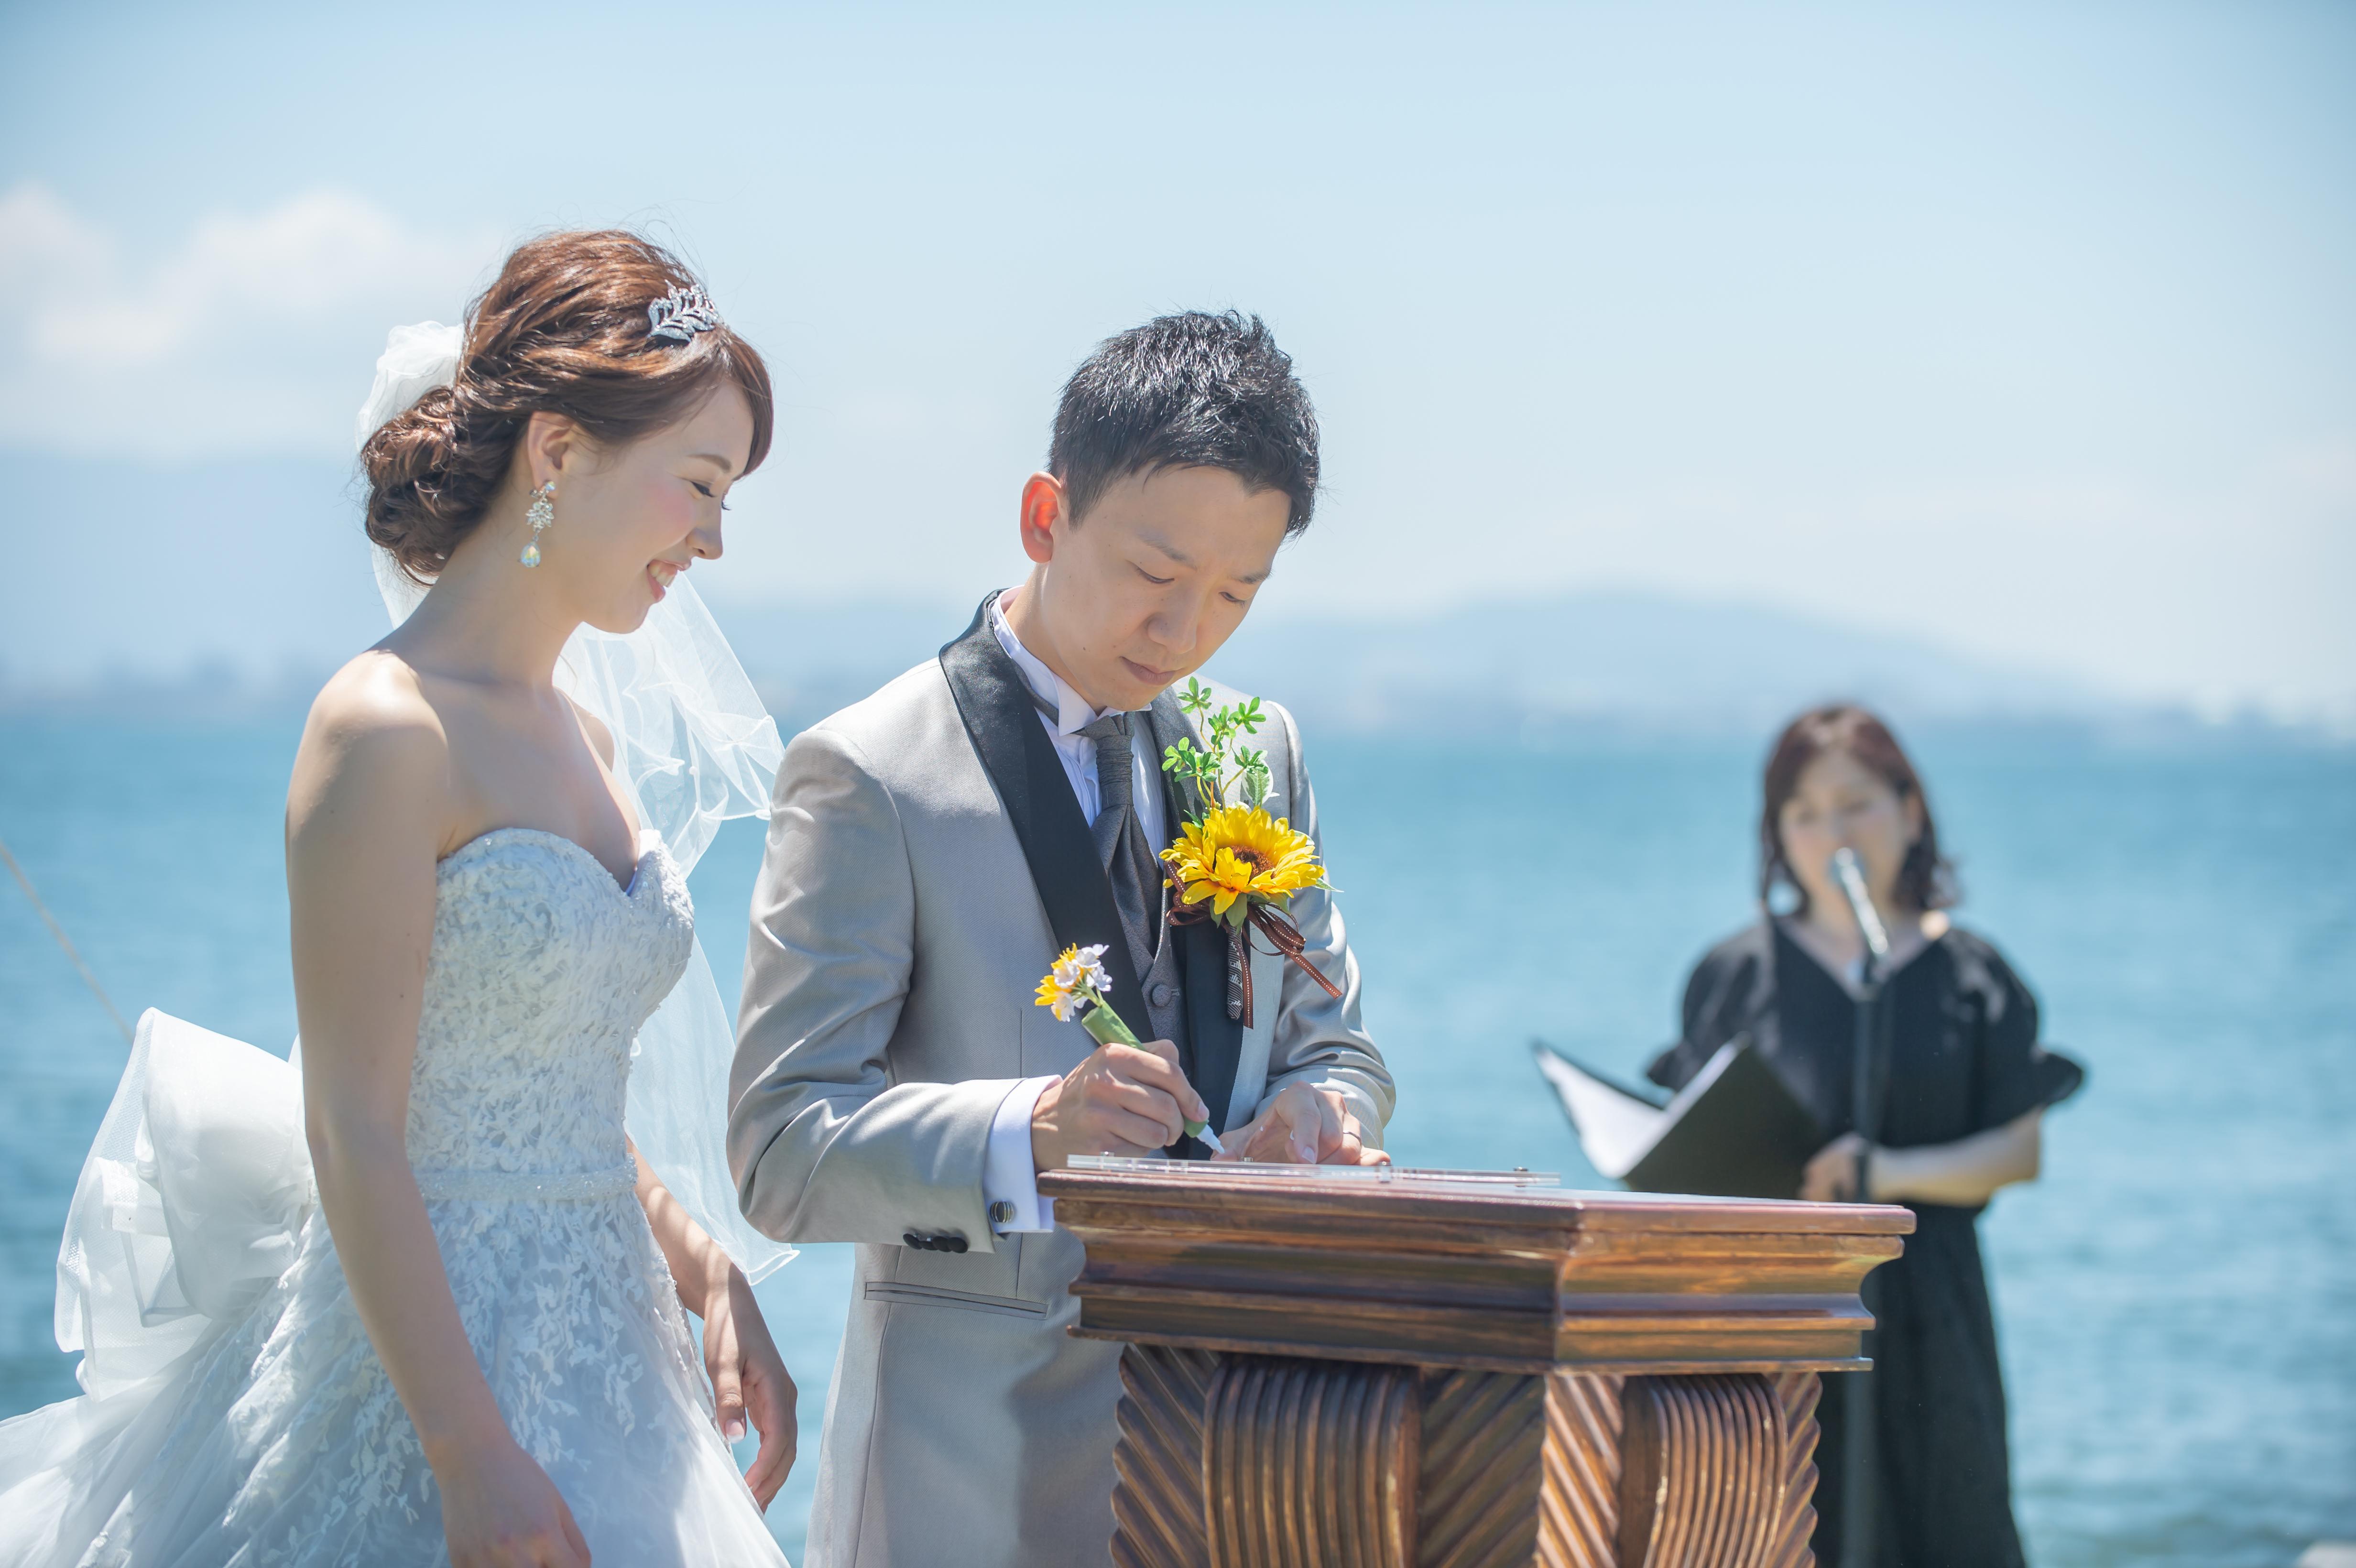 ザ・ルイガンズで結婚式 誓約